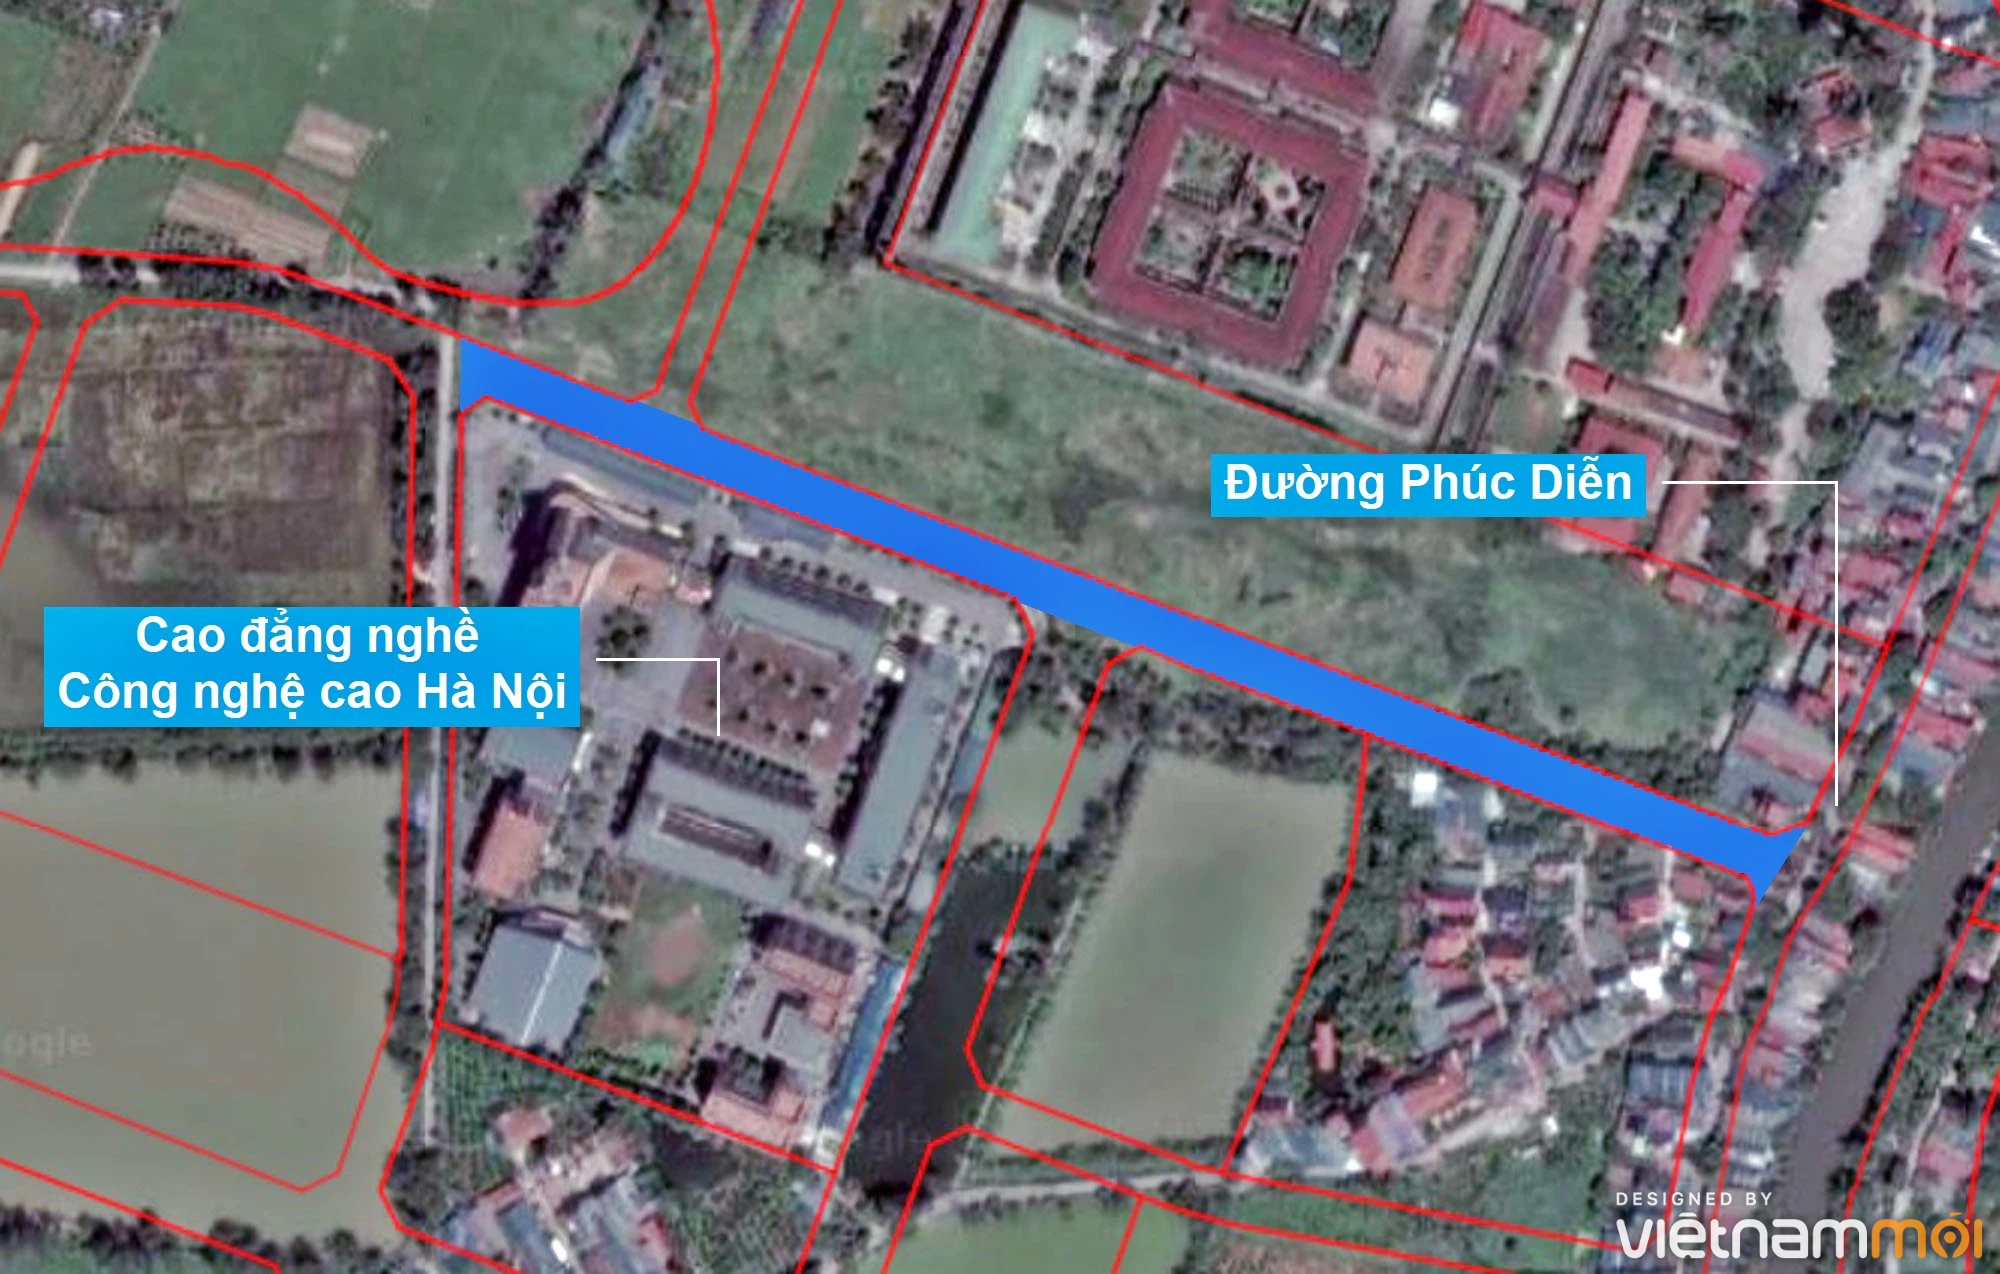 Những khu đất sắp thu hồi để mở đường ở phường Tây Mỗ, Nam Từ Liêm, Hà Nội (phần 1) - Ảnh 2.